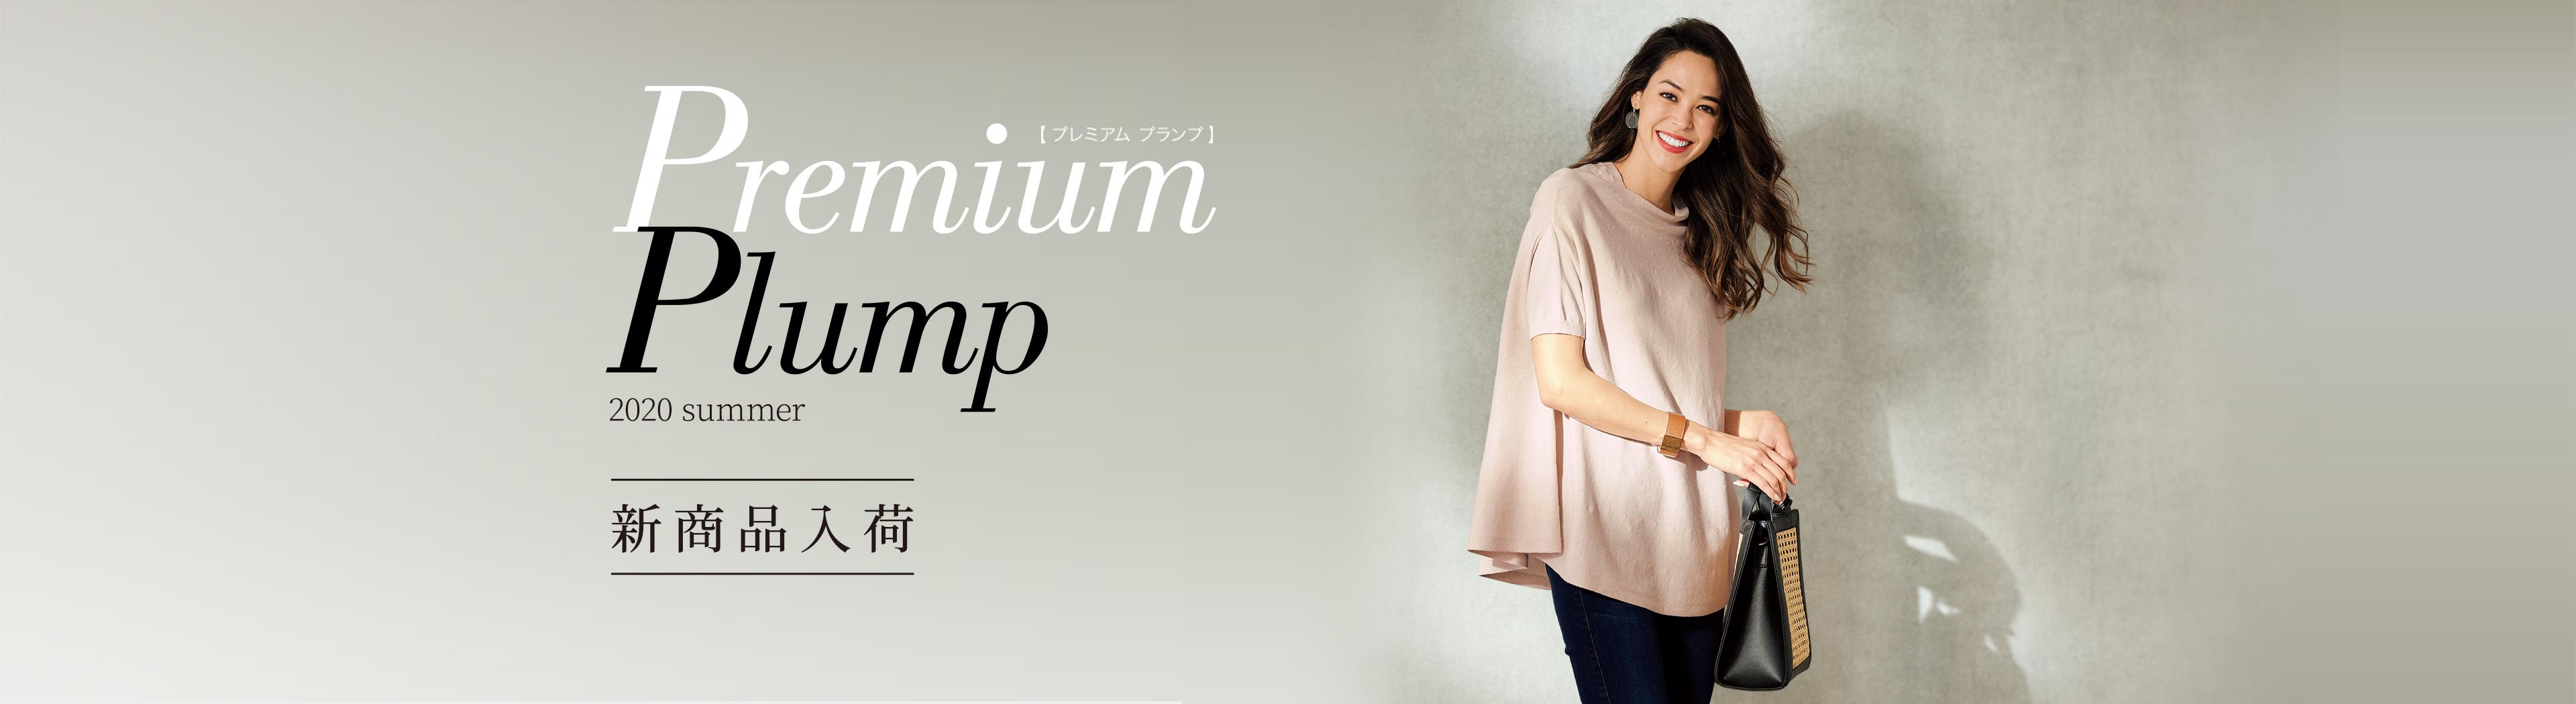 大人の美意識をくすぐるplump新ライン「Premium Plump」-プレミアムプランプ-